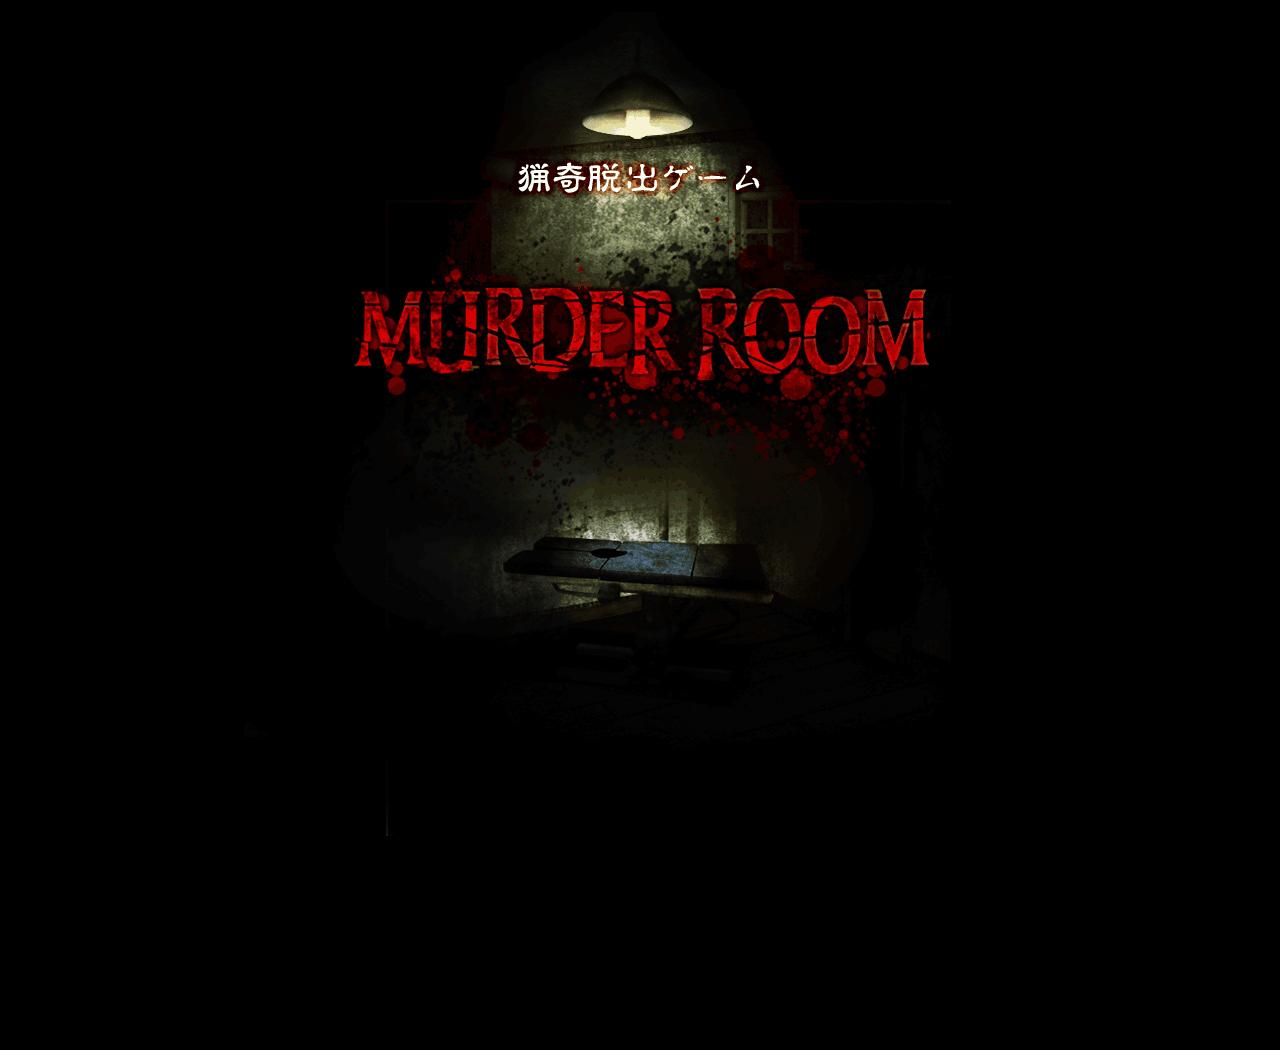 エイチーム、スマホ向けホラー脱出ゲームアプリ「猟奇脱出ゲーム Murder Room」をリリース1